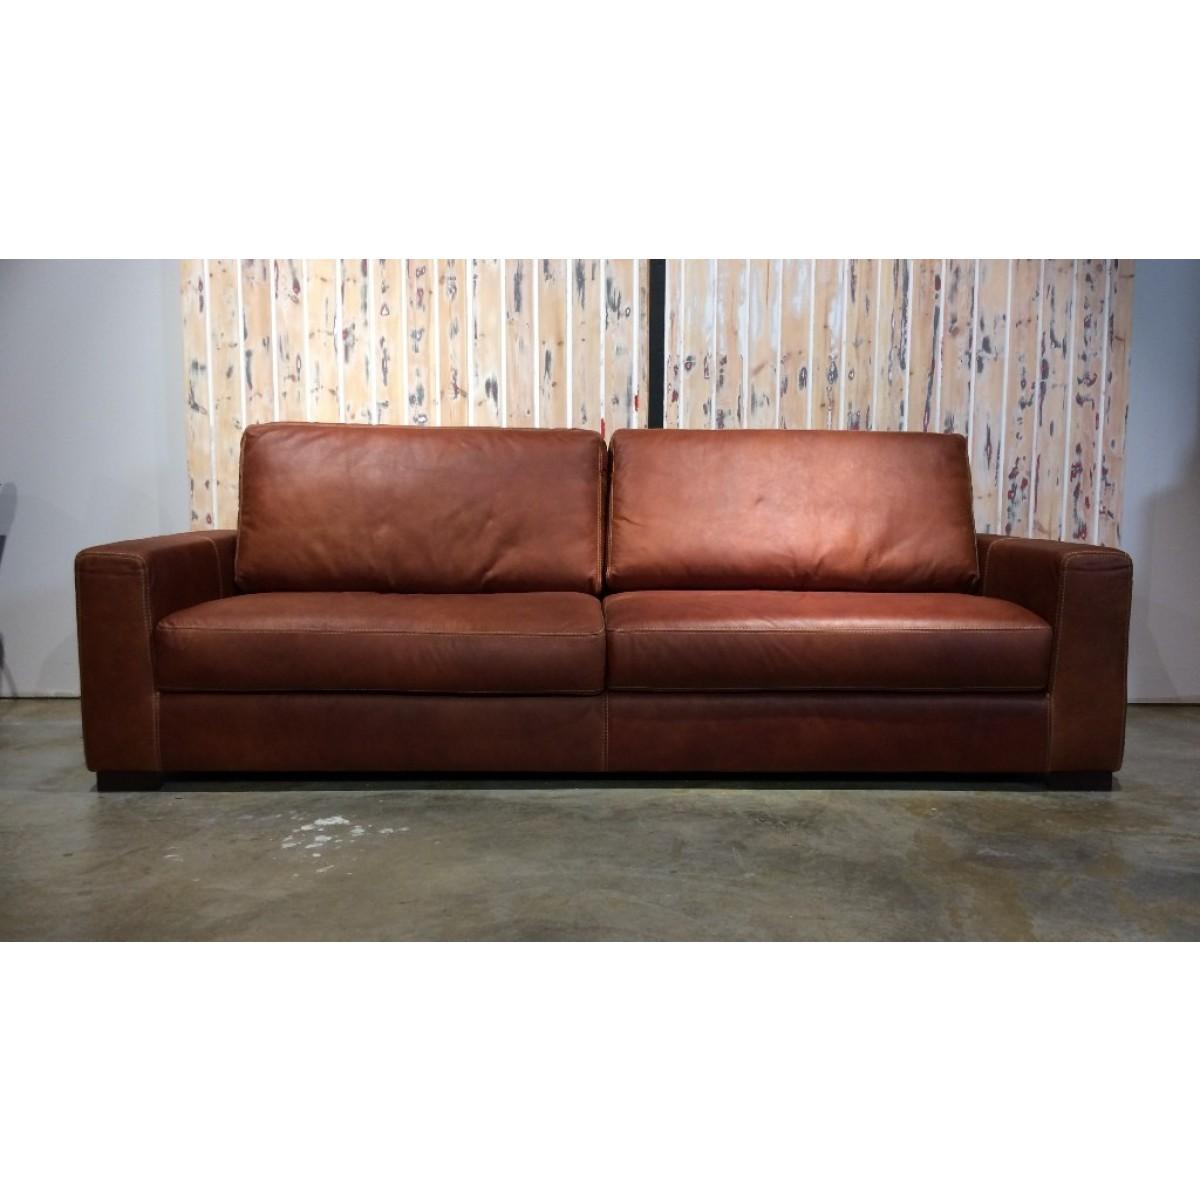 kentucky-leder-sofa-leer-bank-het-anker-shatterhand